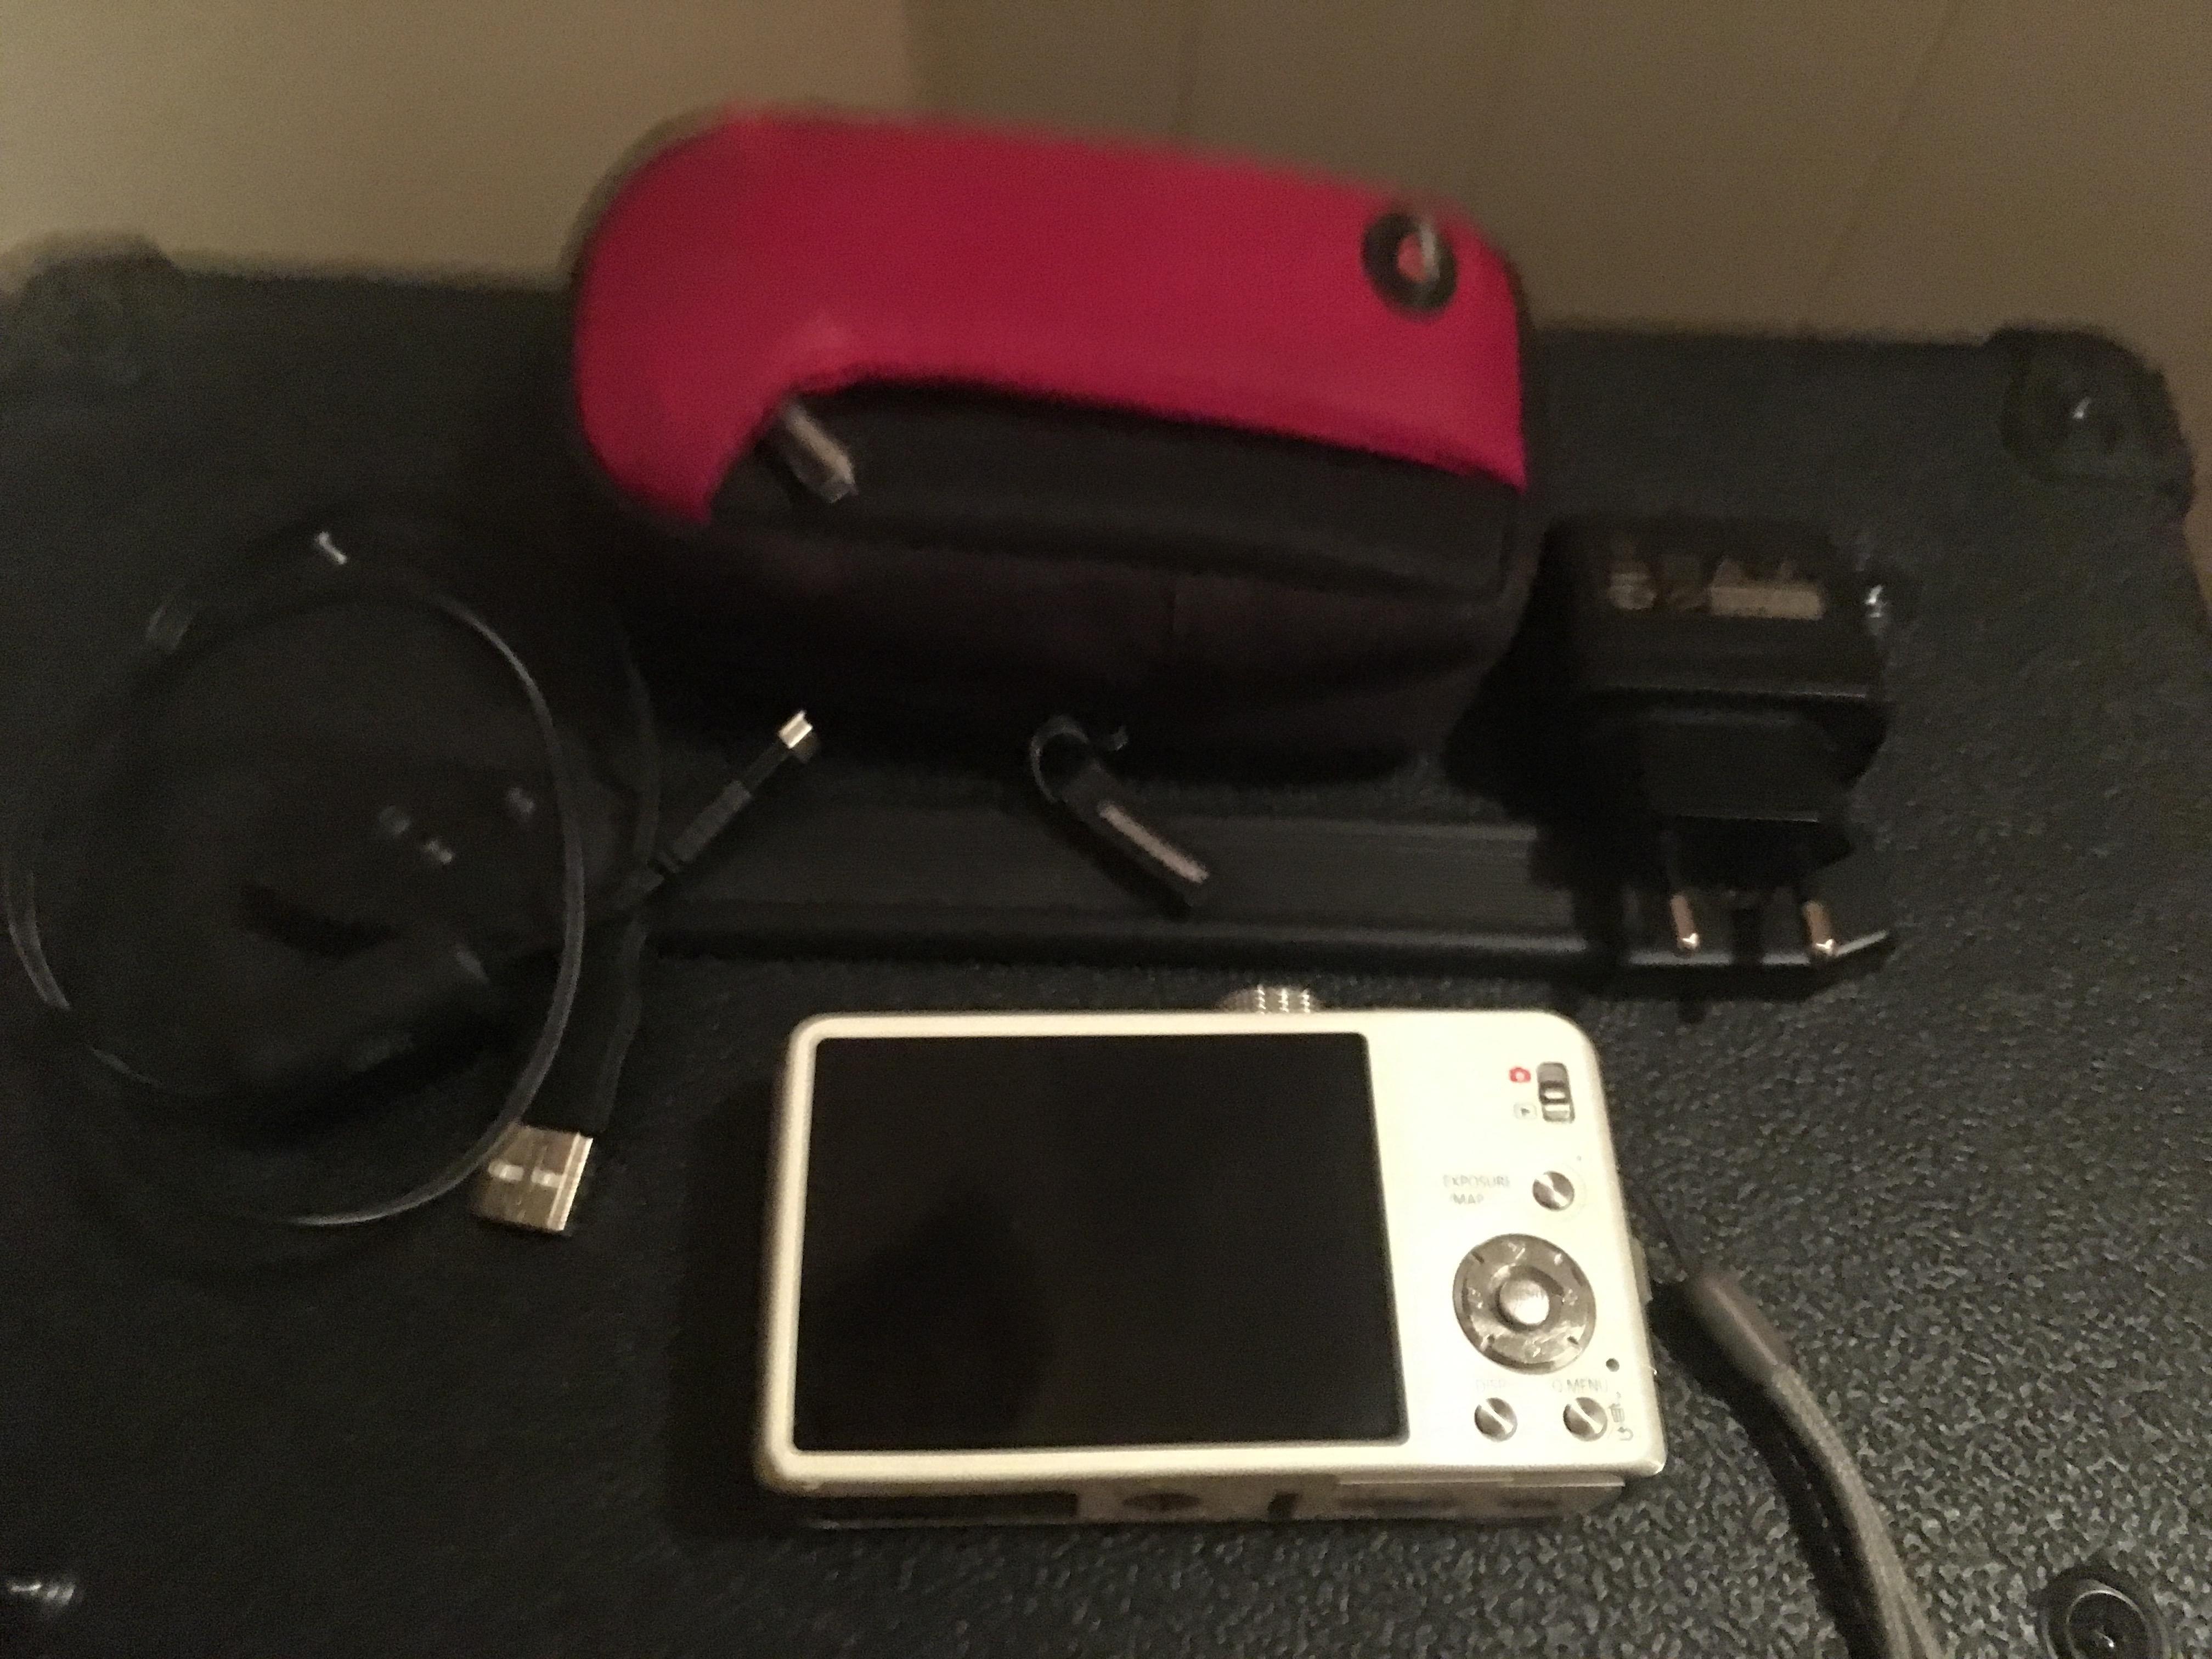 troc de troc Échange appareil photo numérique panasonic contre un vidéo projec image 0